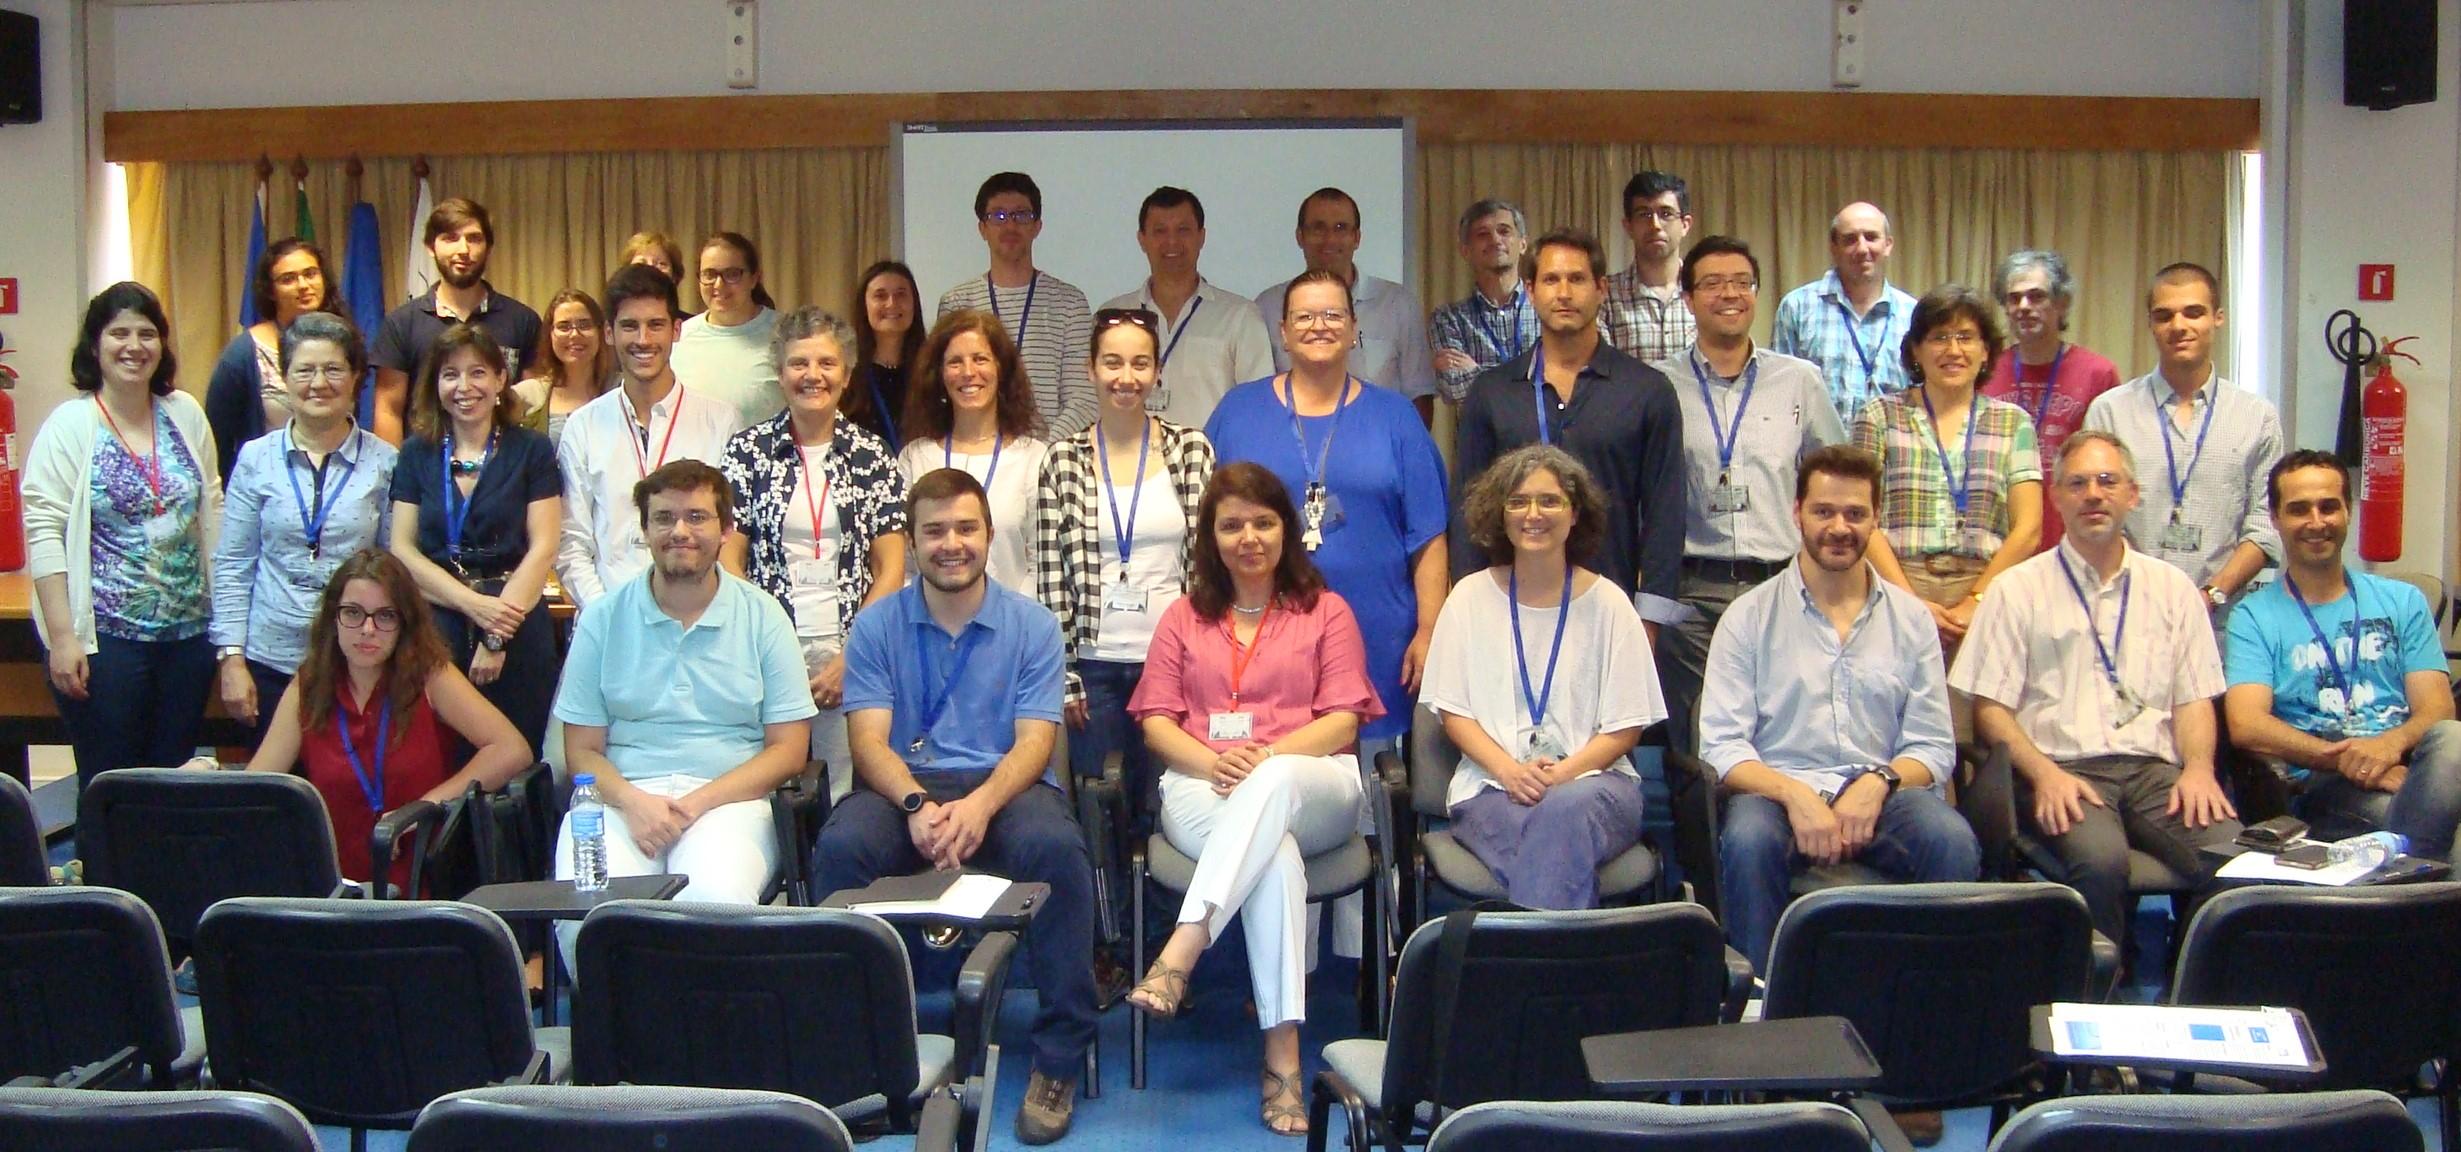 II_WMatUMa_Participantes